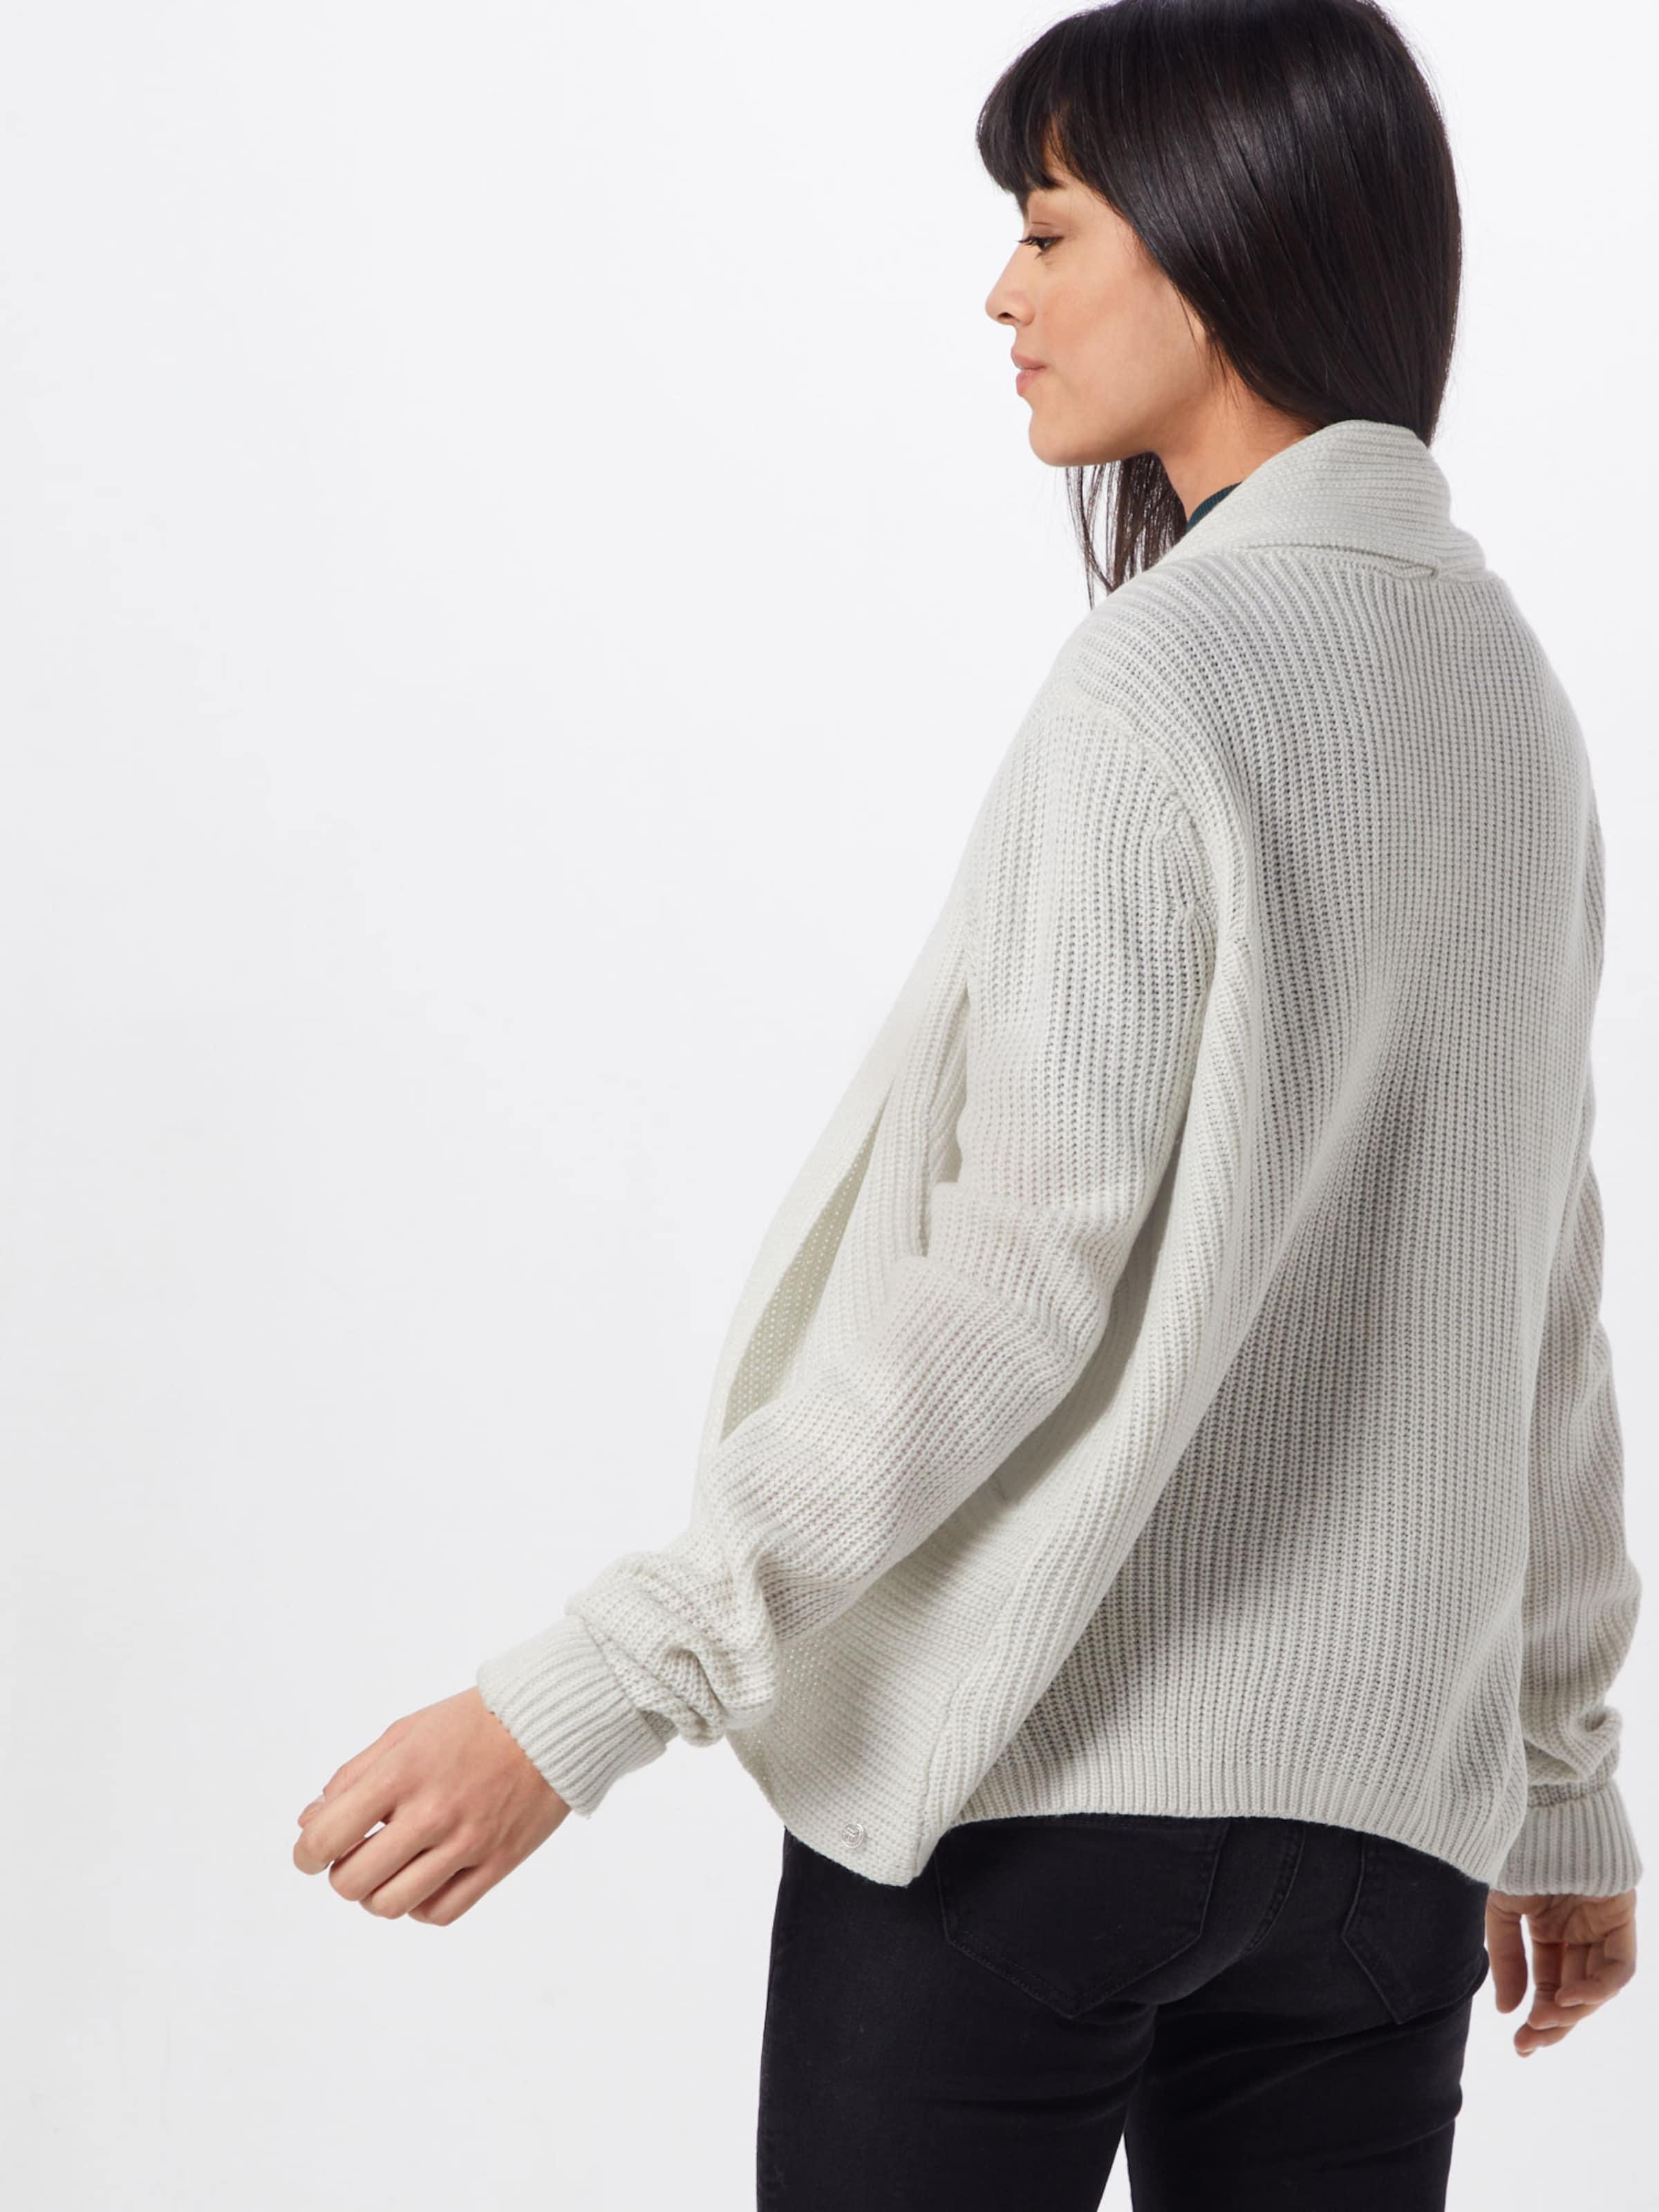 Blanc Tailor Tom Cardigan En Denim N8n0Ovmw